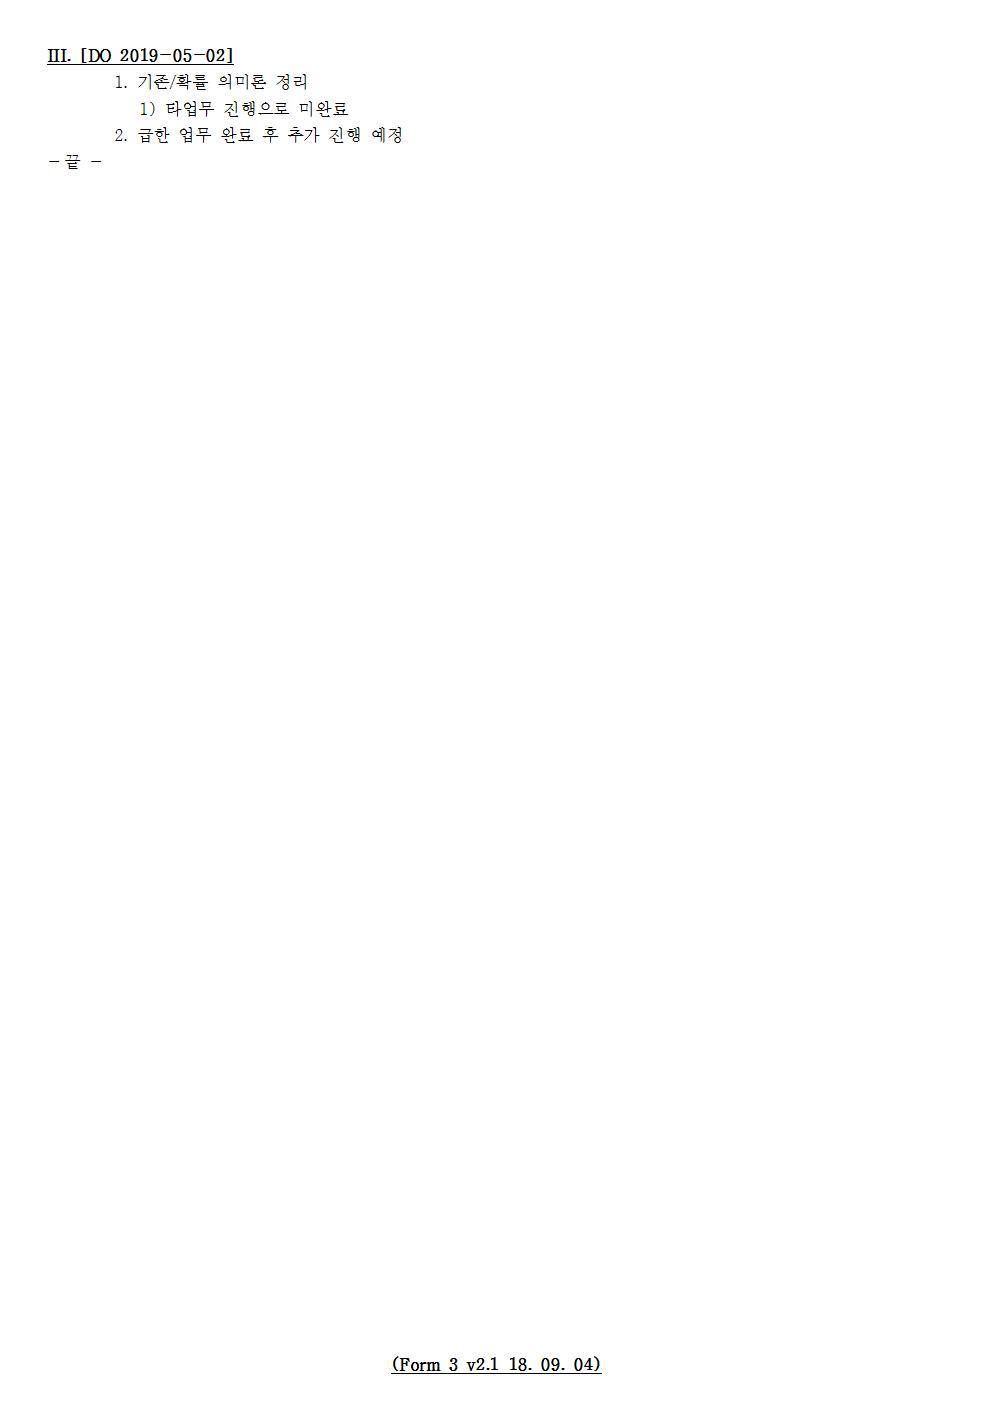 D-[19-012-PP-04]-[dTP-국내]-[2019-05-02][JS]002.jpg